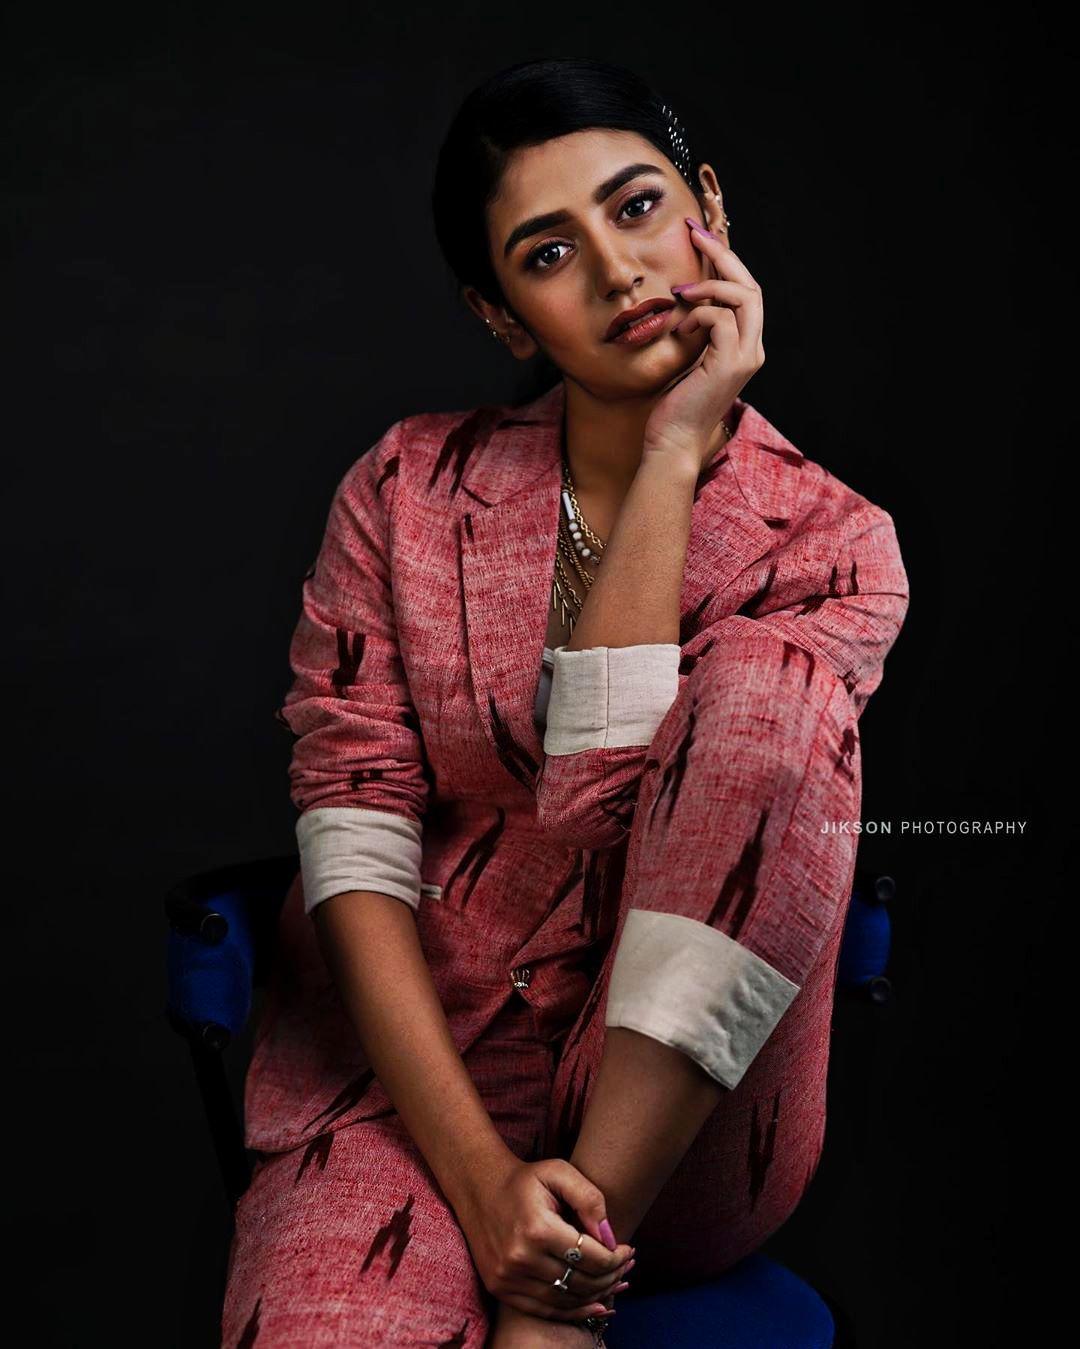 priya prakash varrier latest images